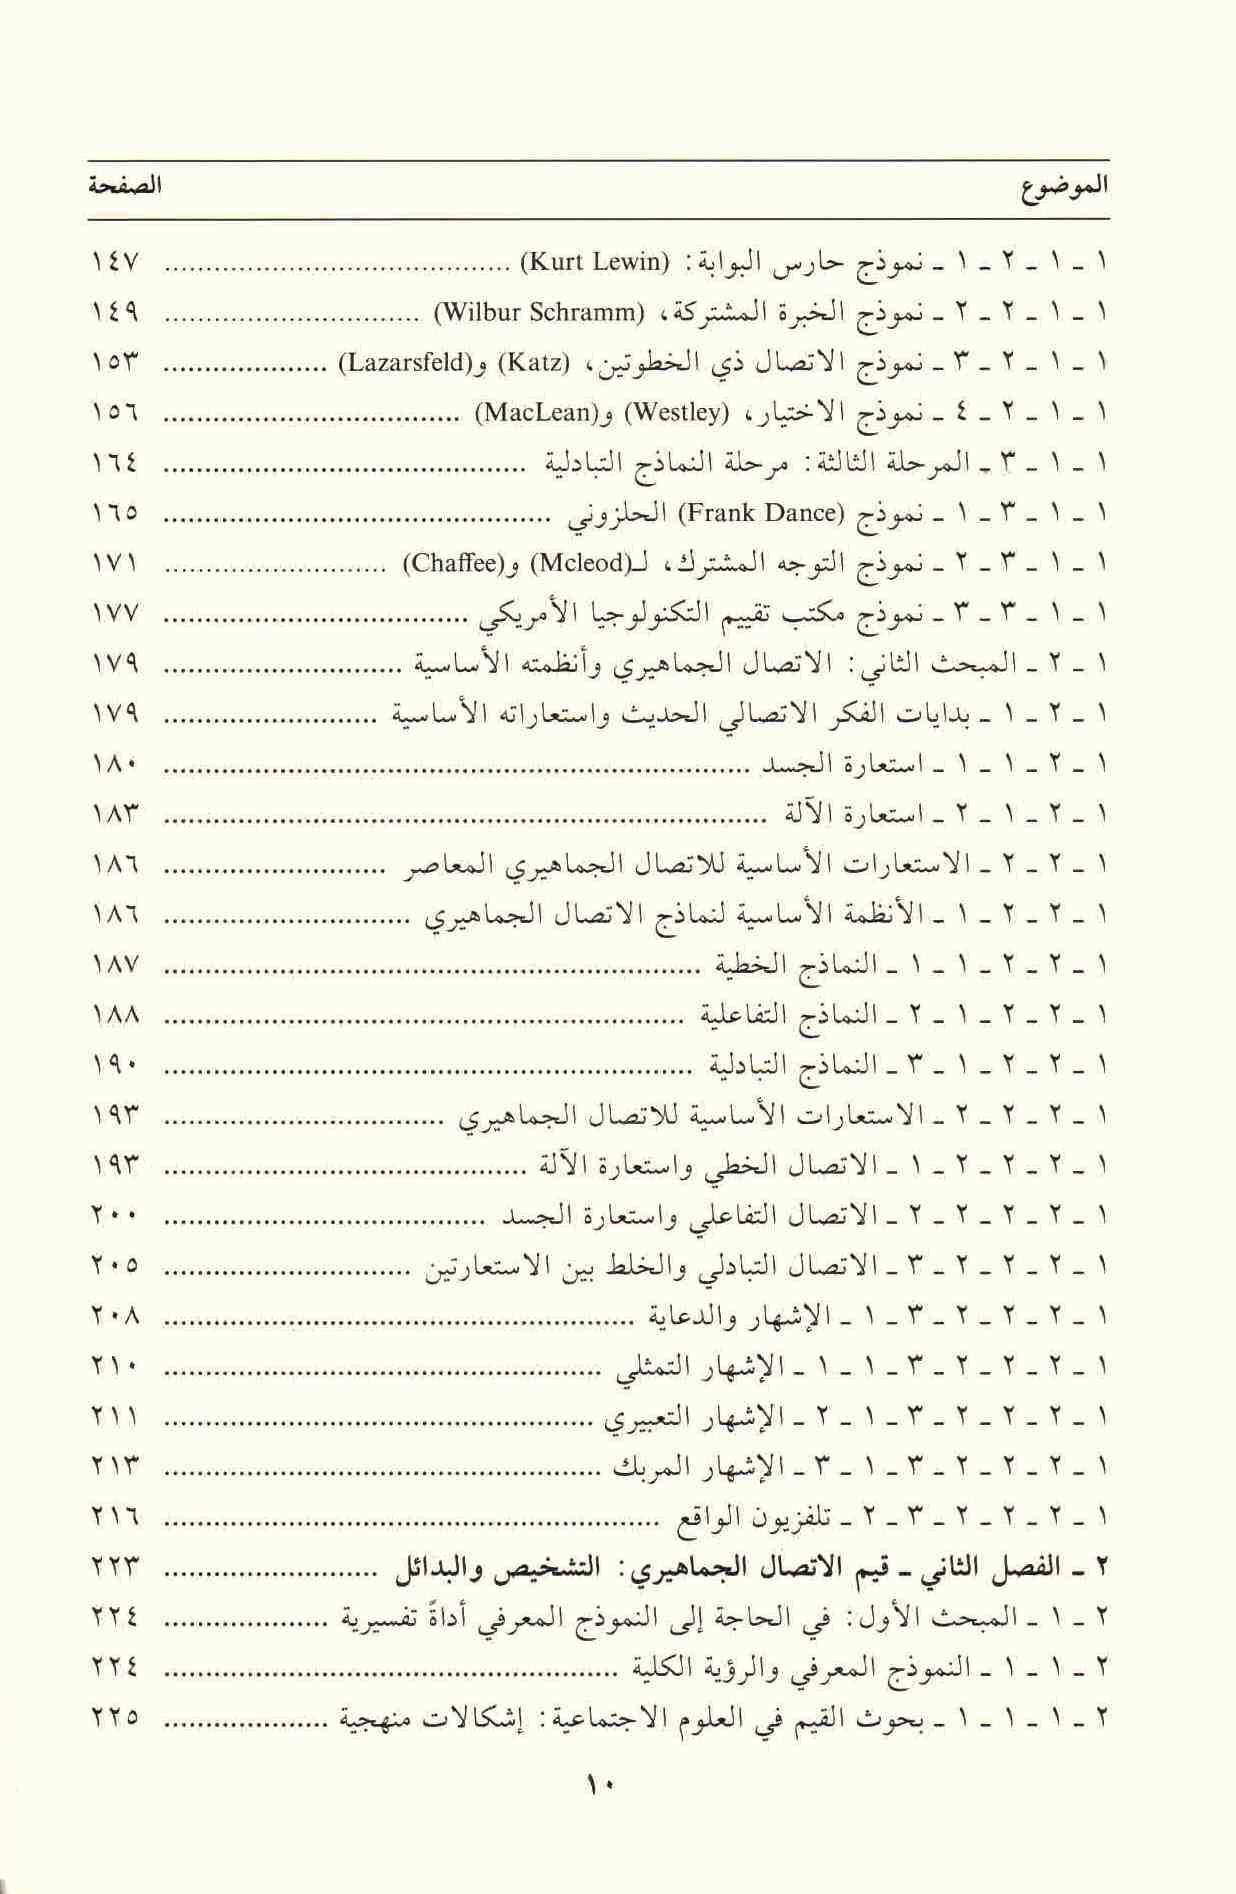 ص 10محتويات كتاب الاتصال الجماهيري وسؤال القيم